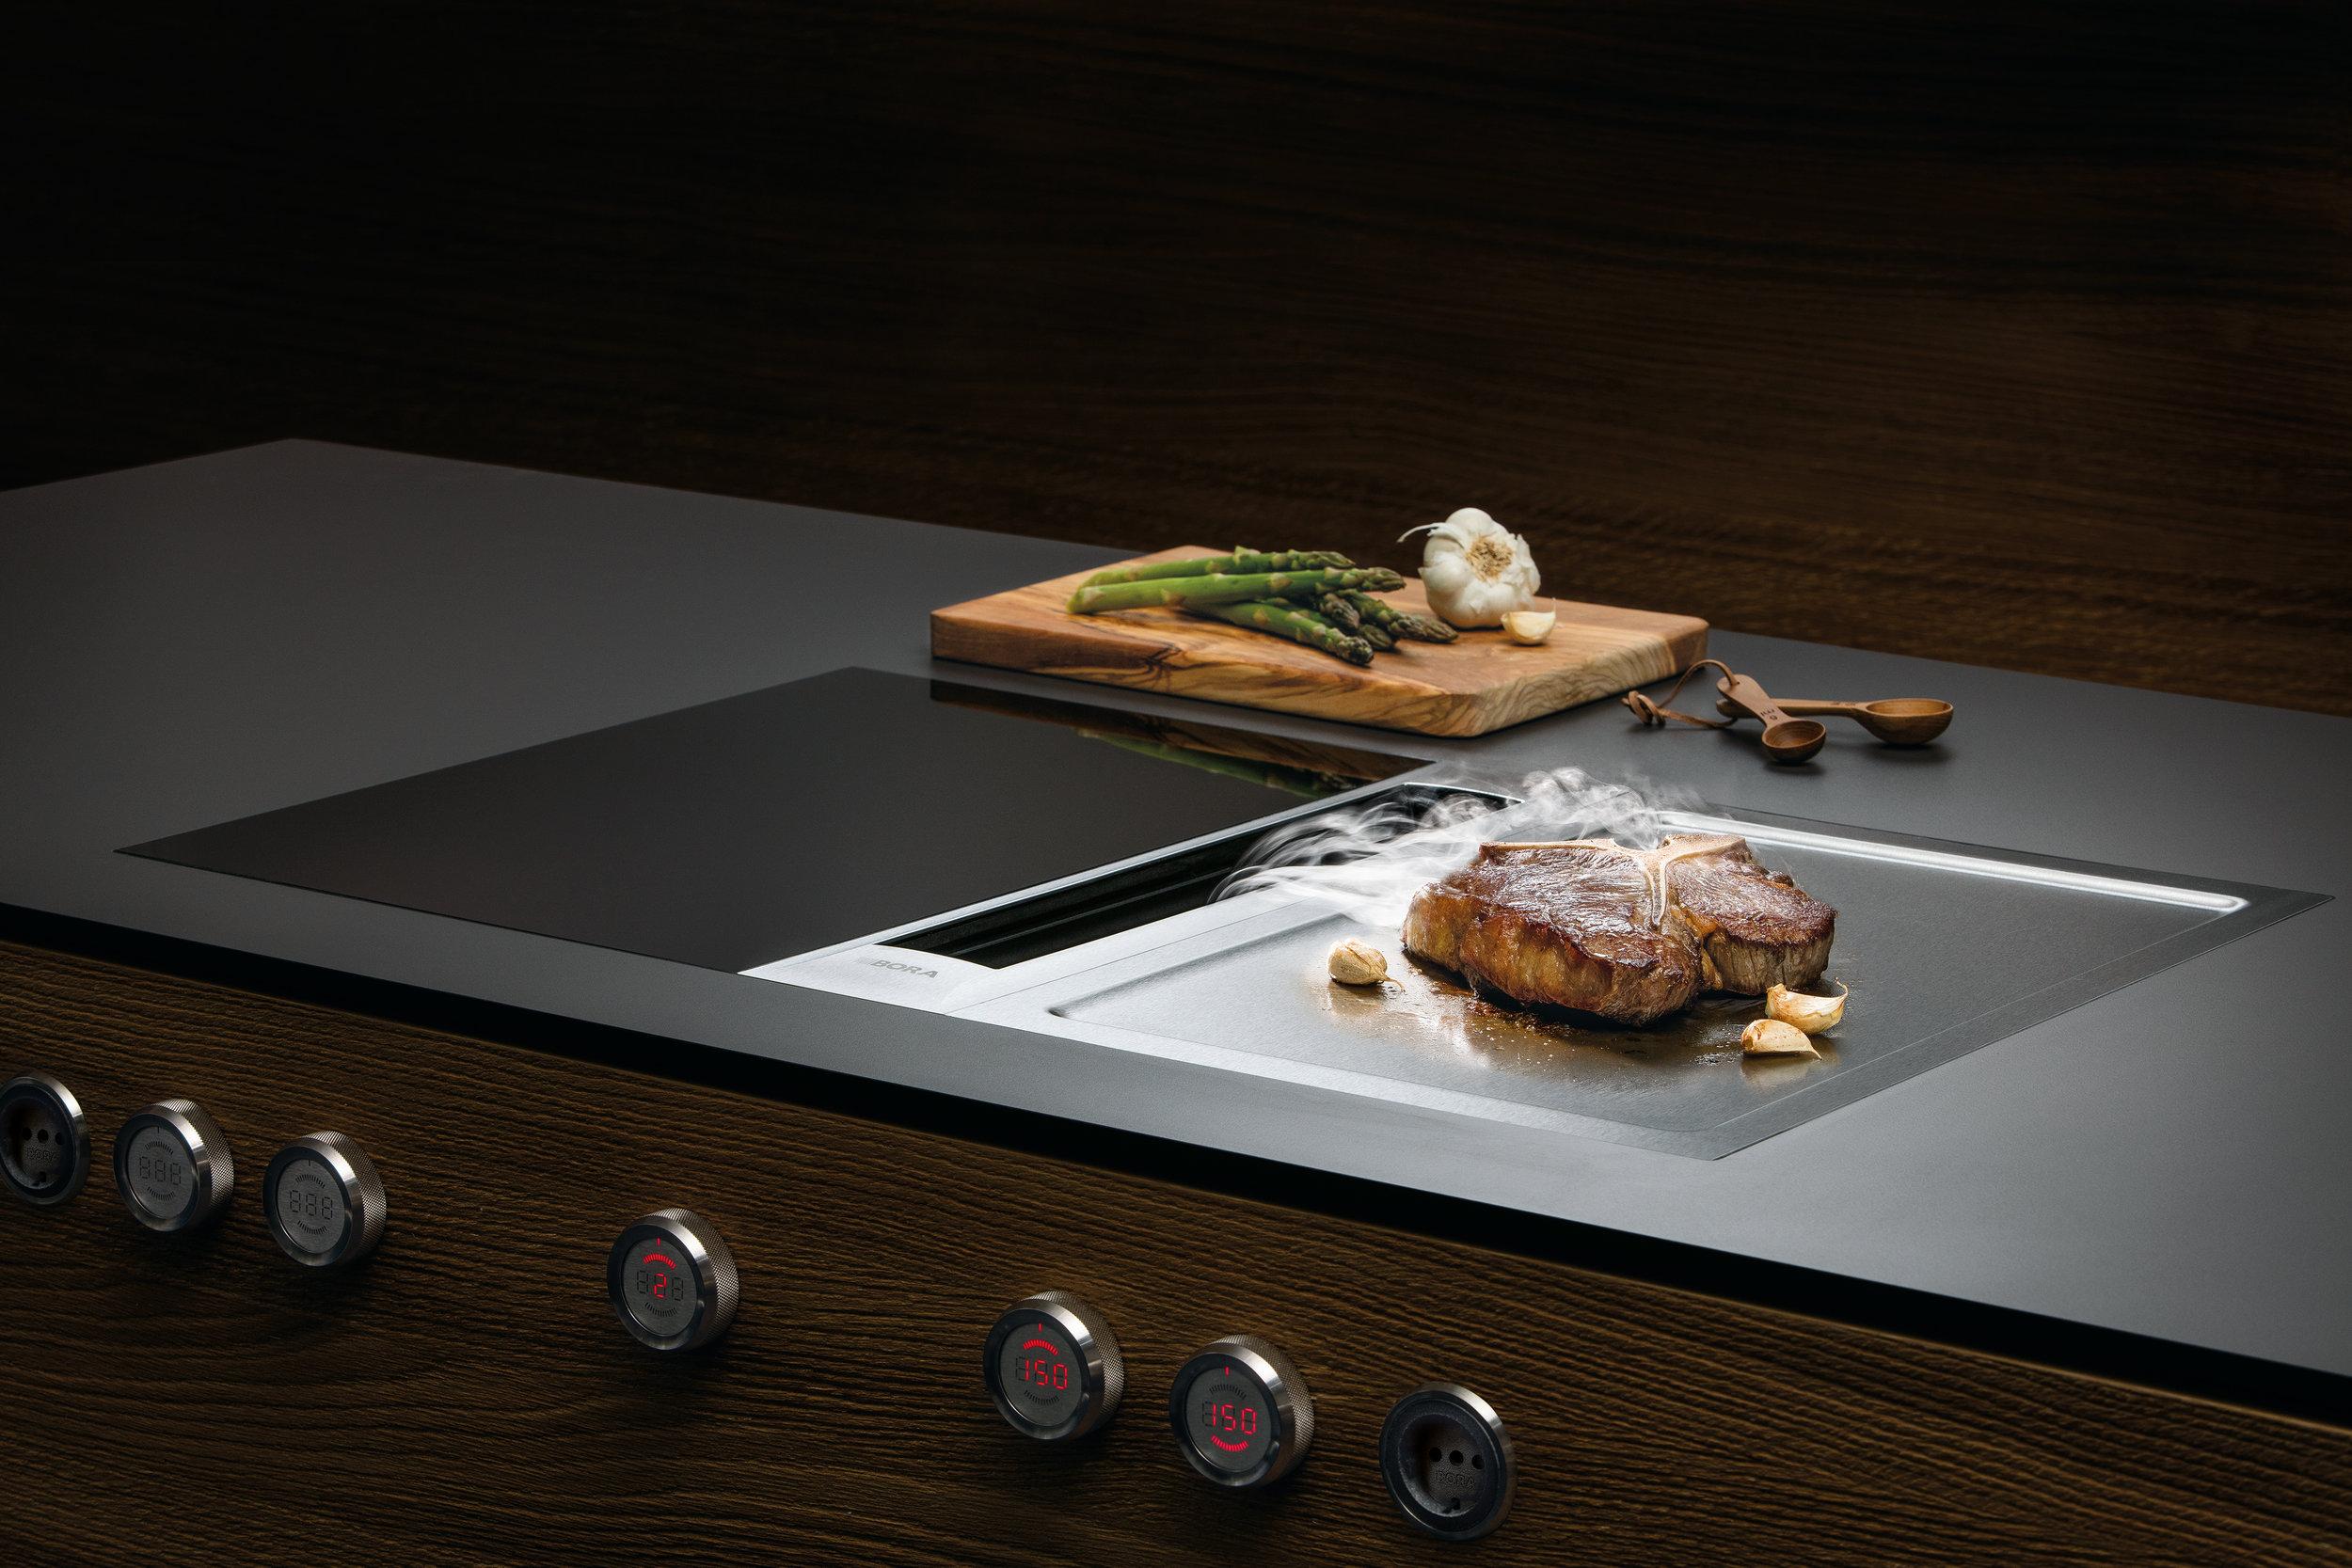 bora_professional_pka-pkfi-pkt_steak.jpg